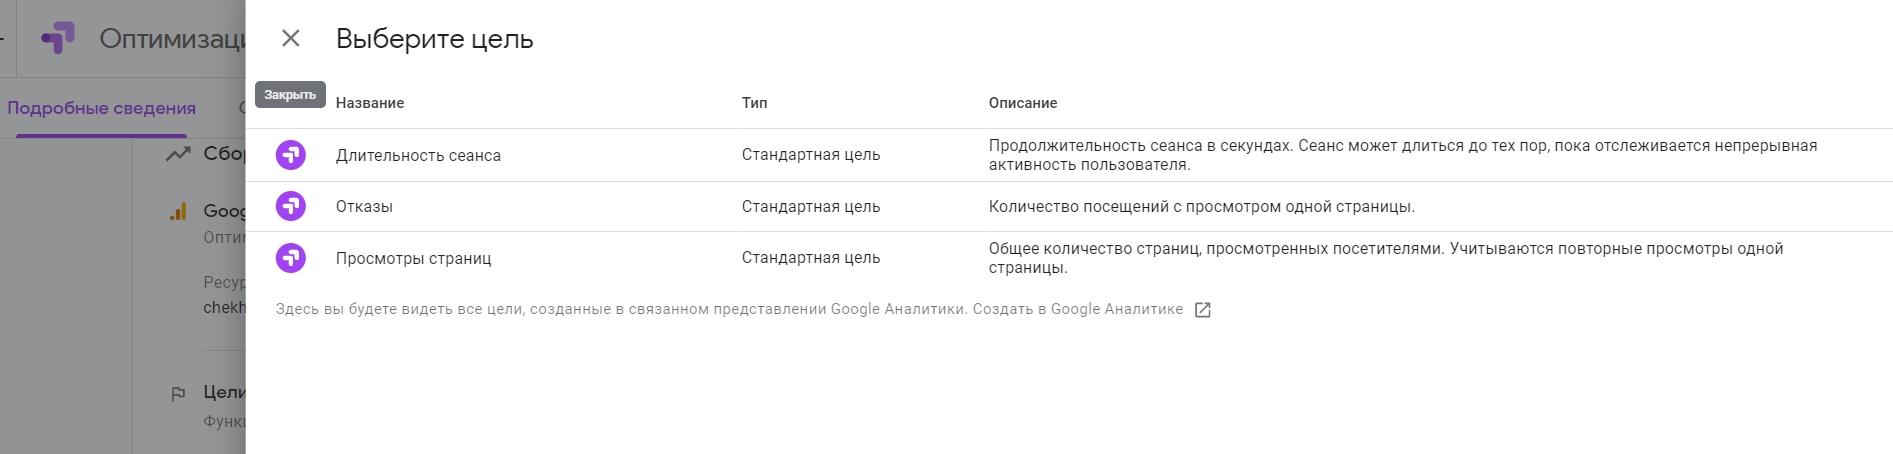 Настройка целей в Google Optimize